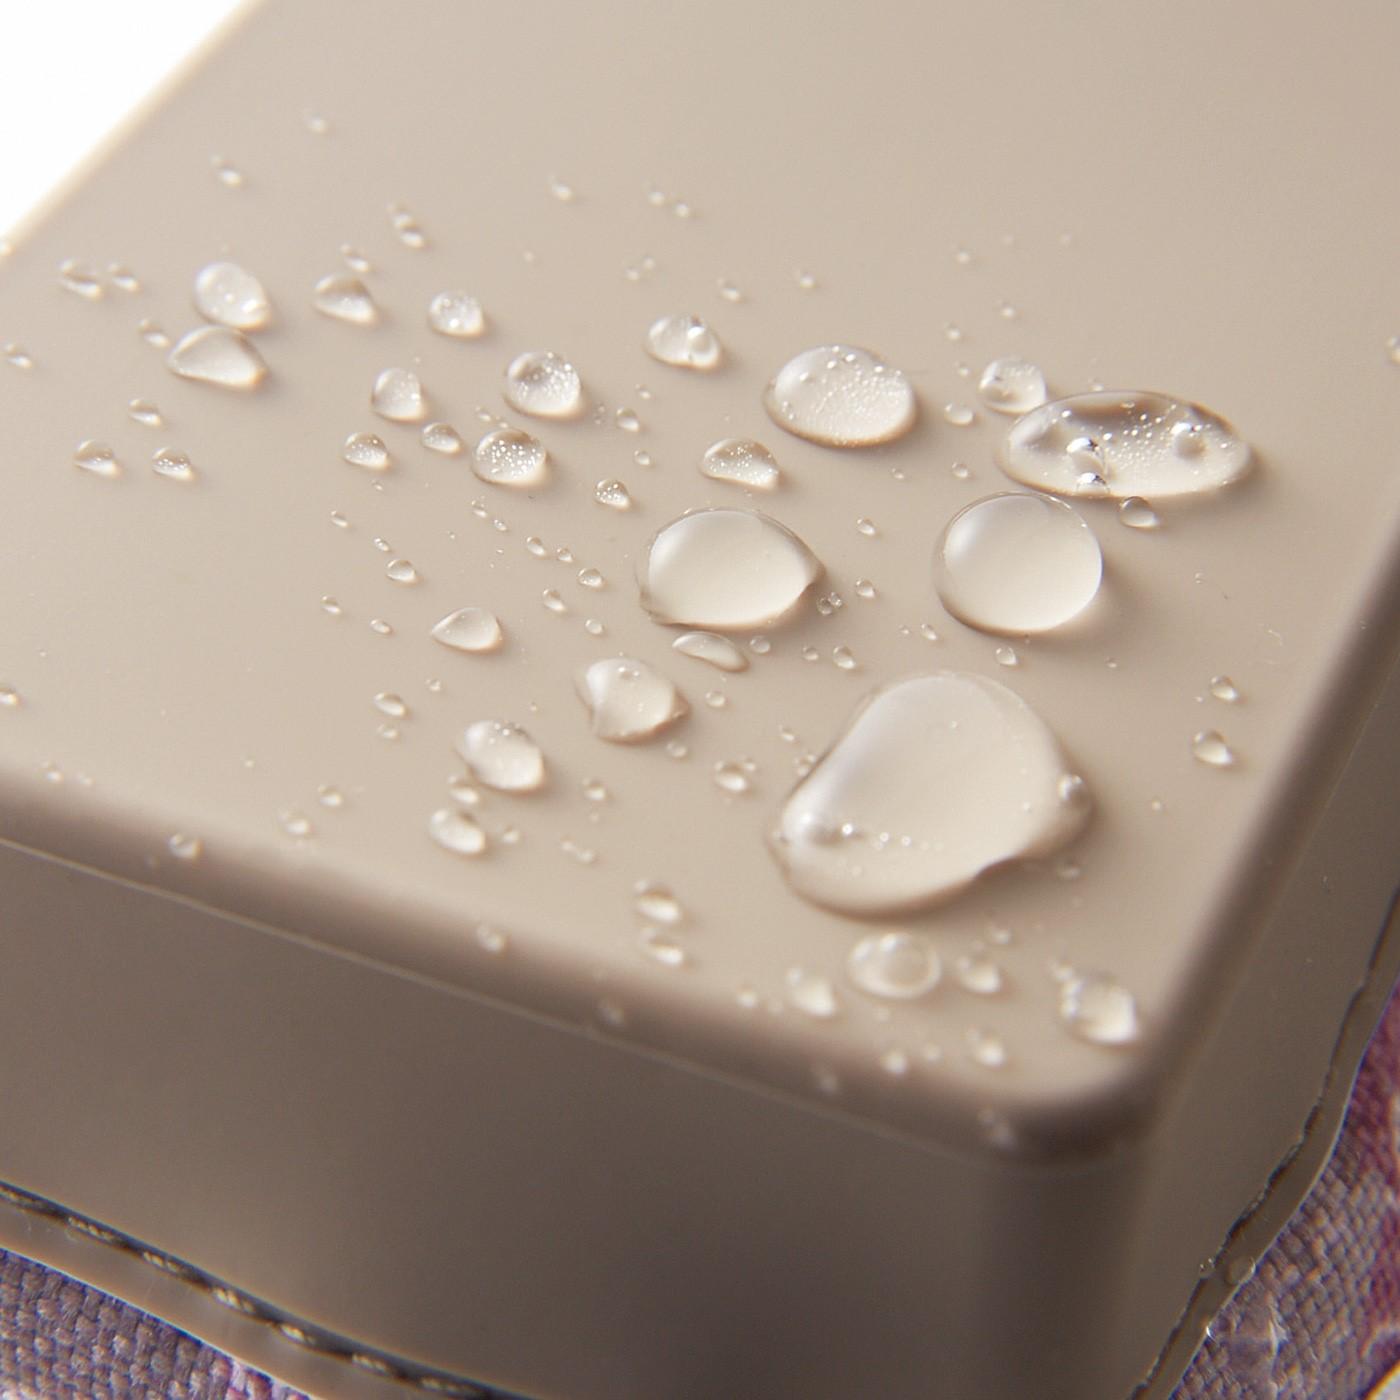 シリコーン部分が水をはじくから、ぬれた所に置いていてもサッとひと振りで水滴がはらえます。